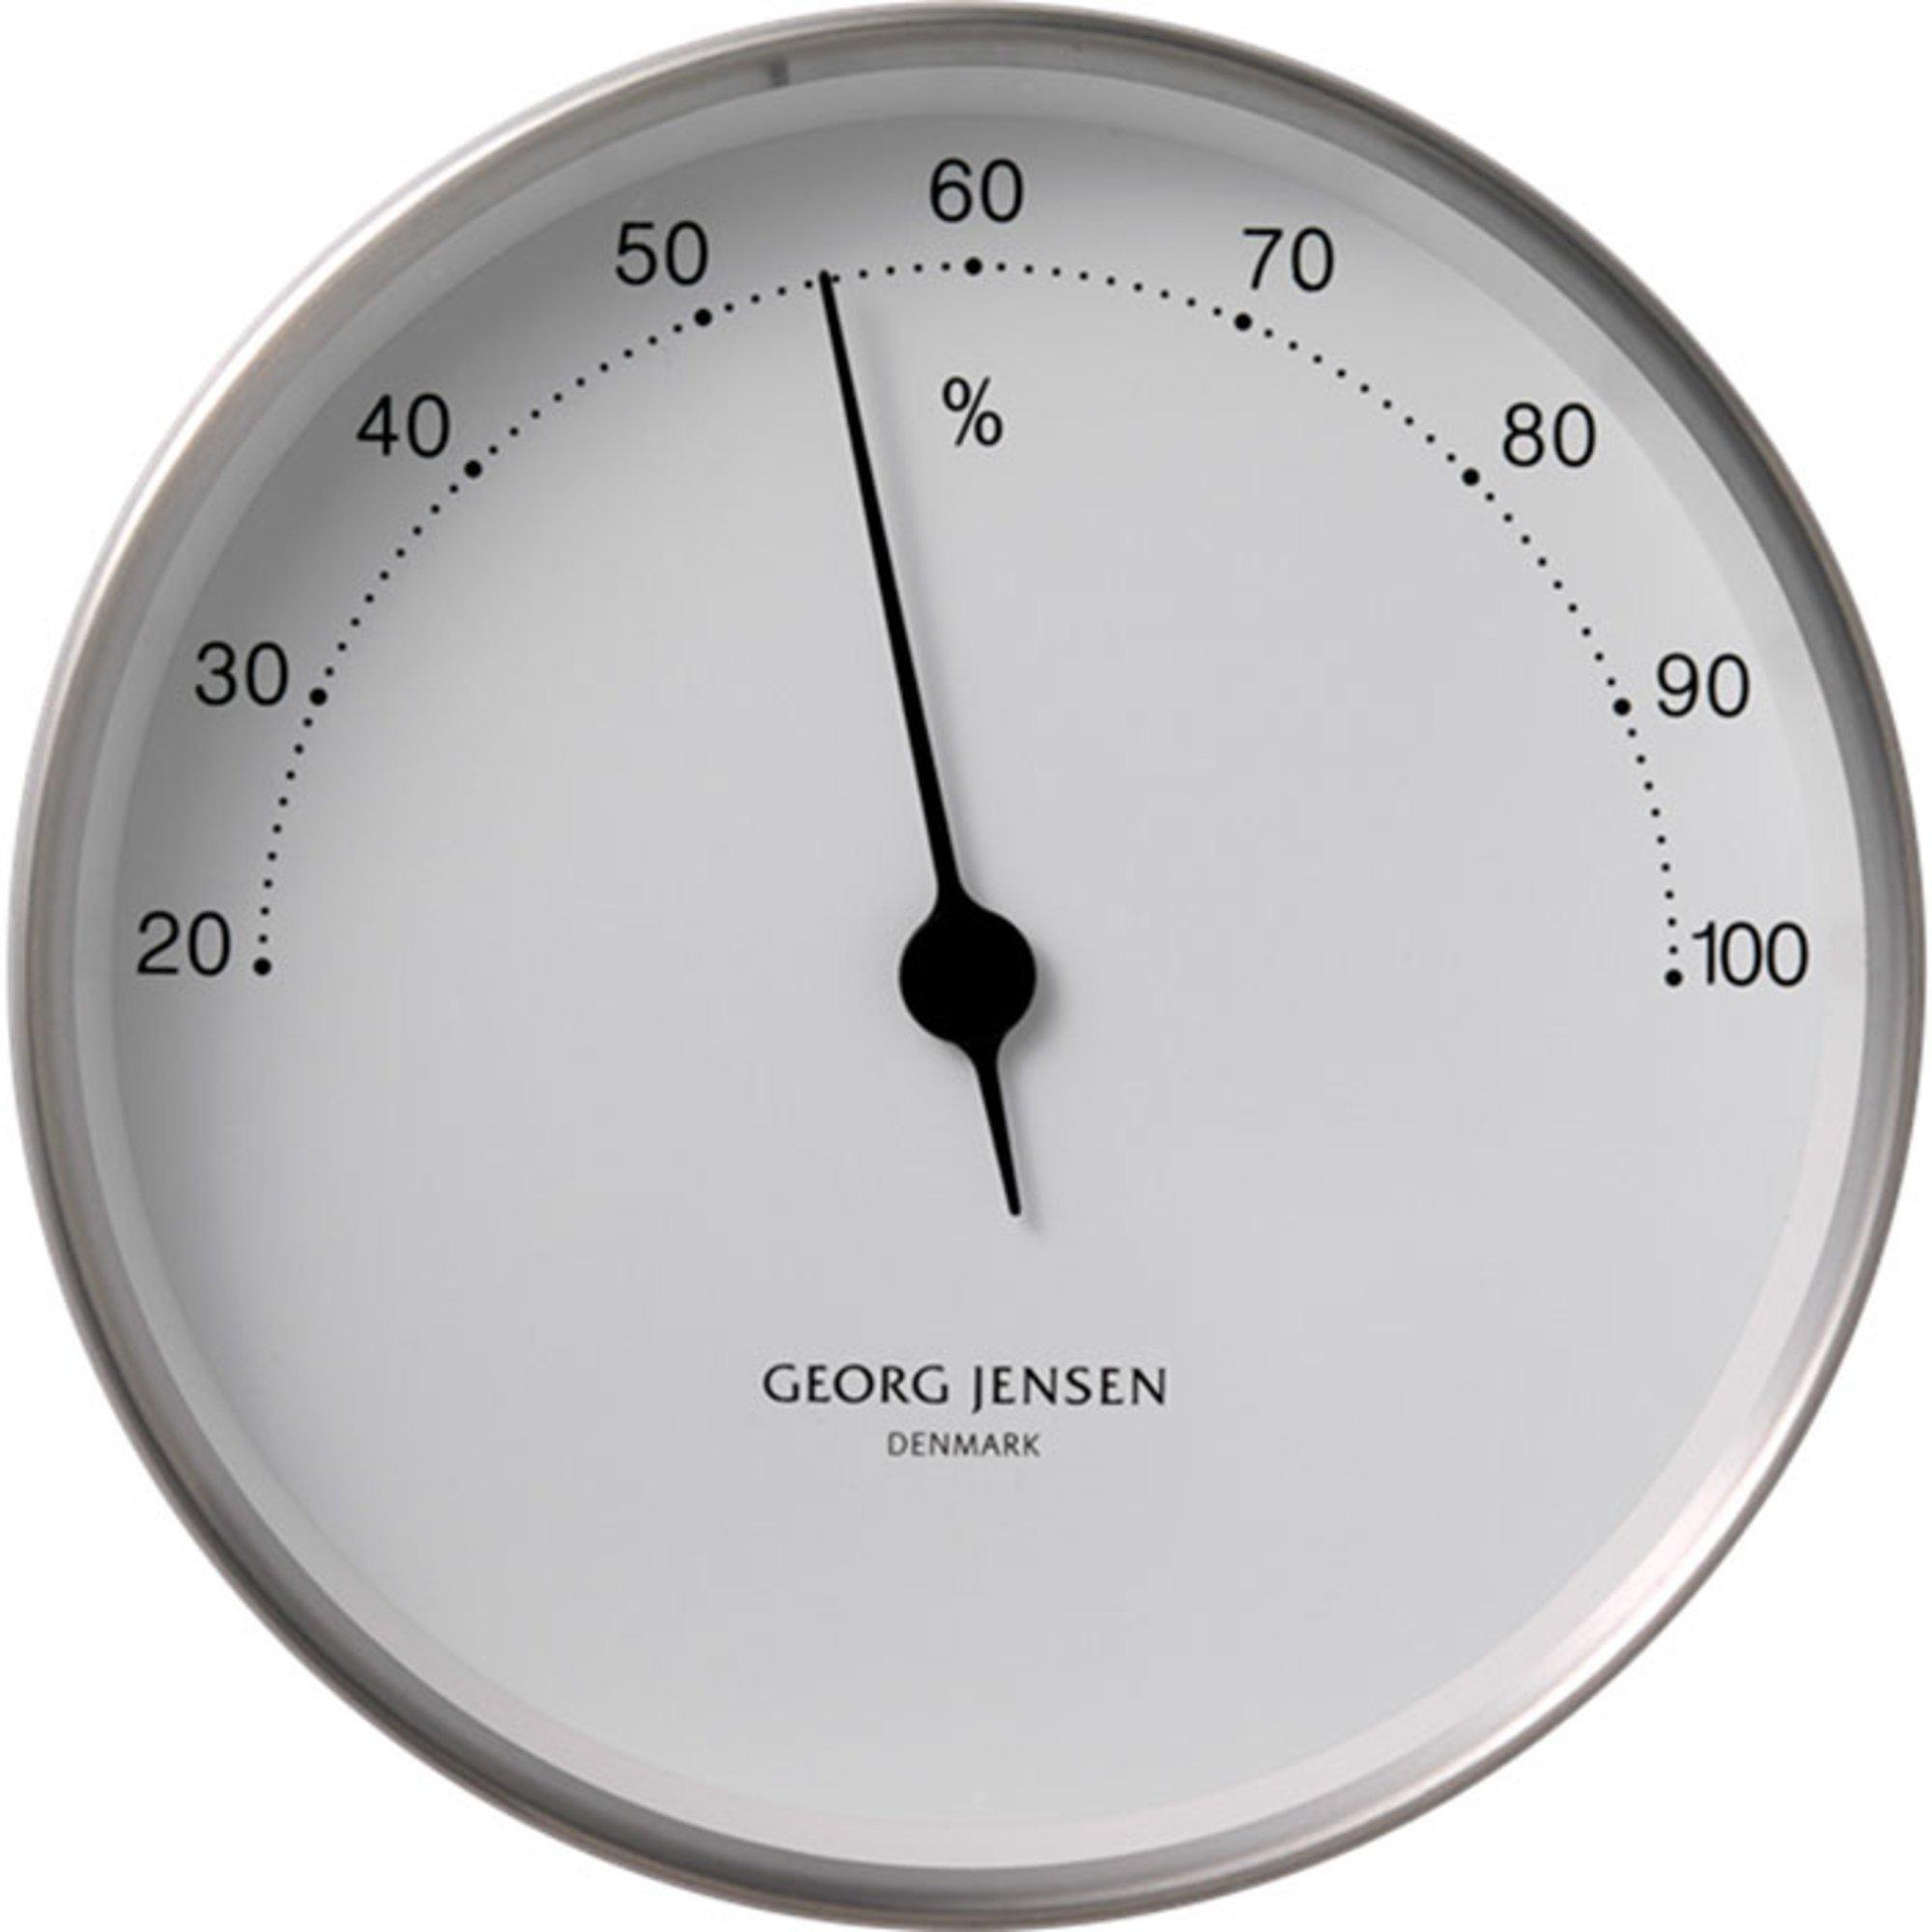 Georg Jensen Henning Koppen hygrometer